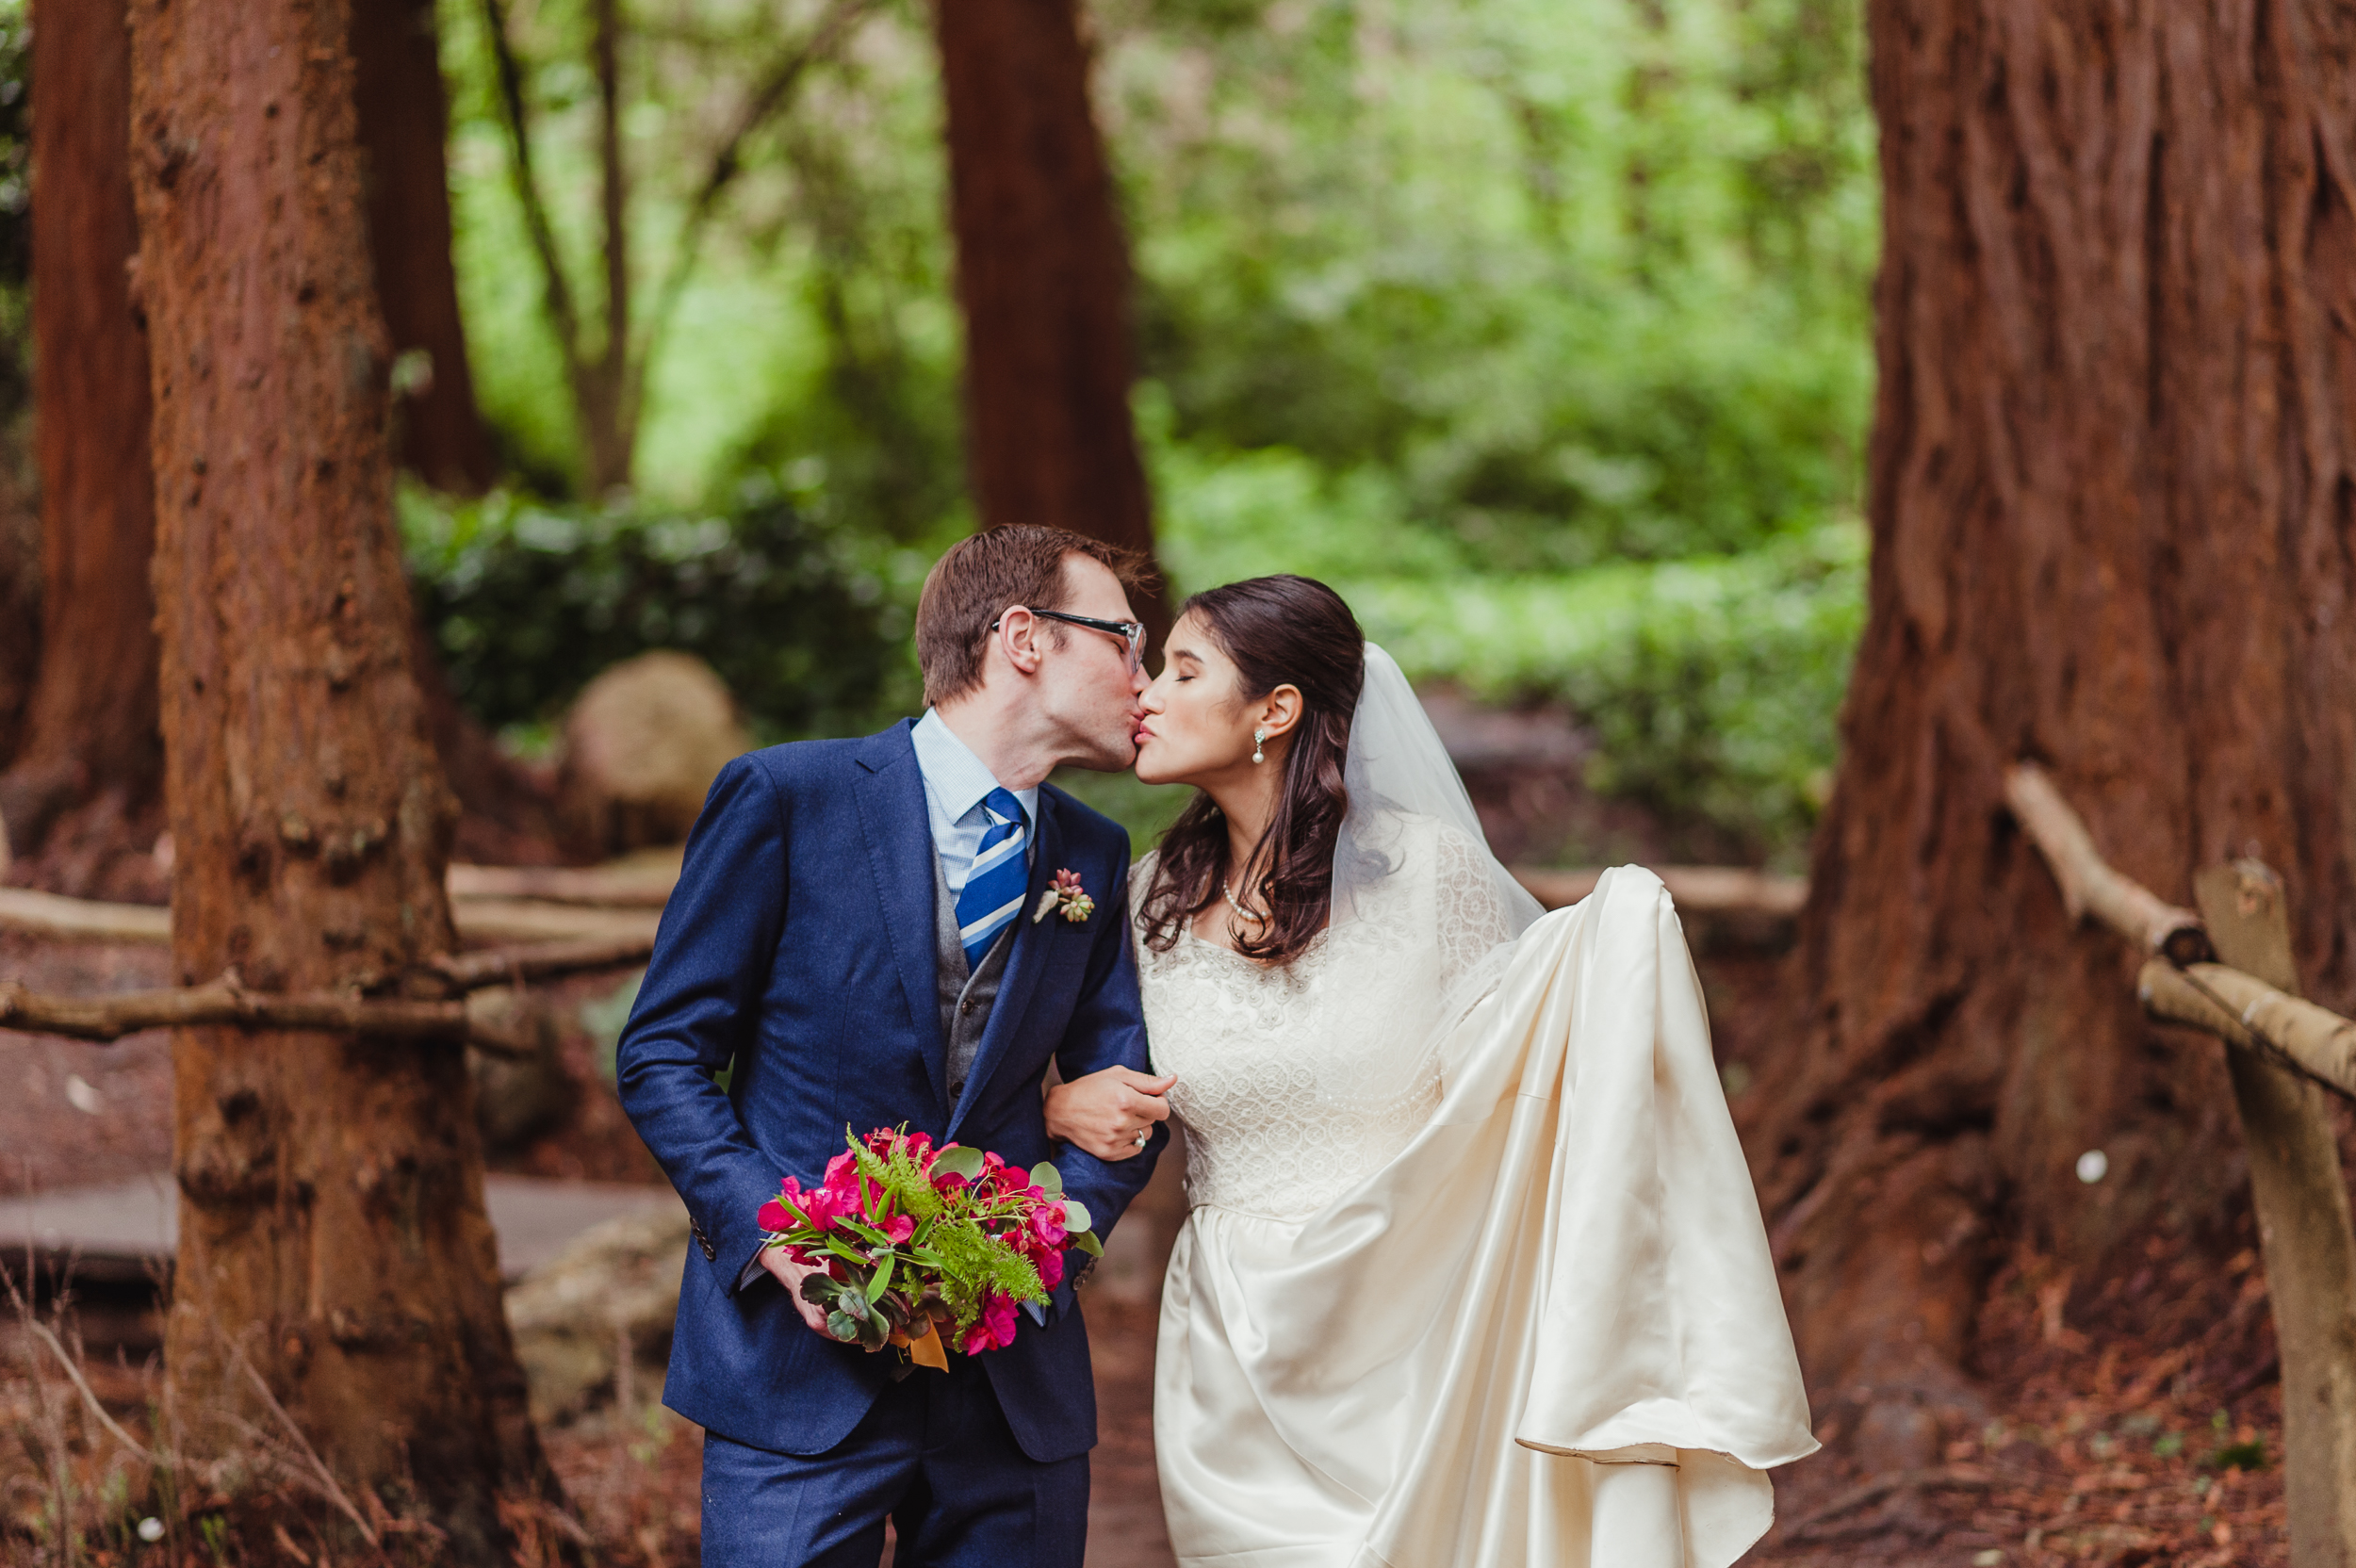 37vintage-san-francisco-stern-grove-wedding-vivianchen-0260.jpg